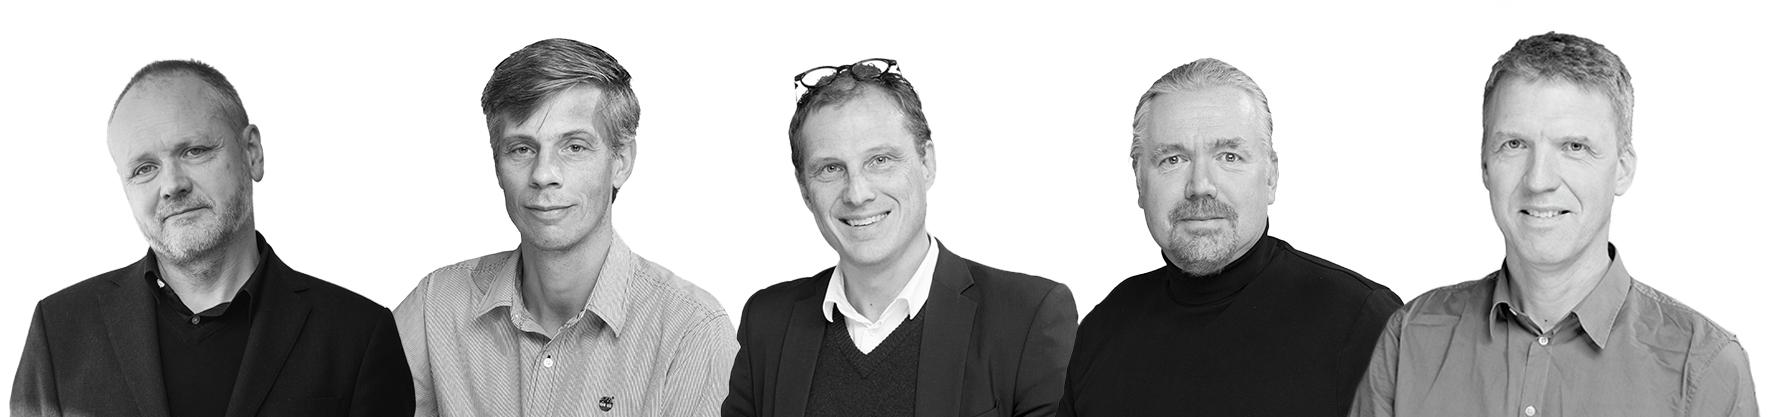 Kreativa ledare: Tobias Rosberg, Erland Montgomery, Jesper Engström, Sven Ahlénius och Mikael Uppling. Foto: AIX Arkitekter.